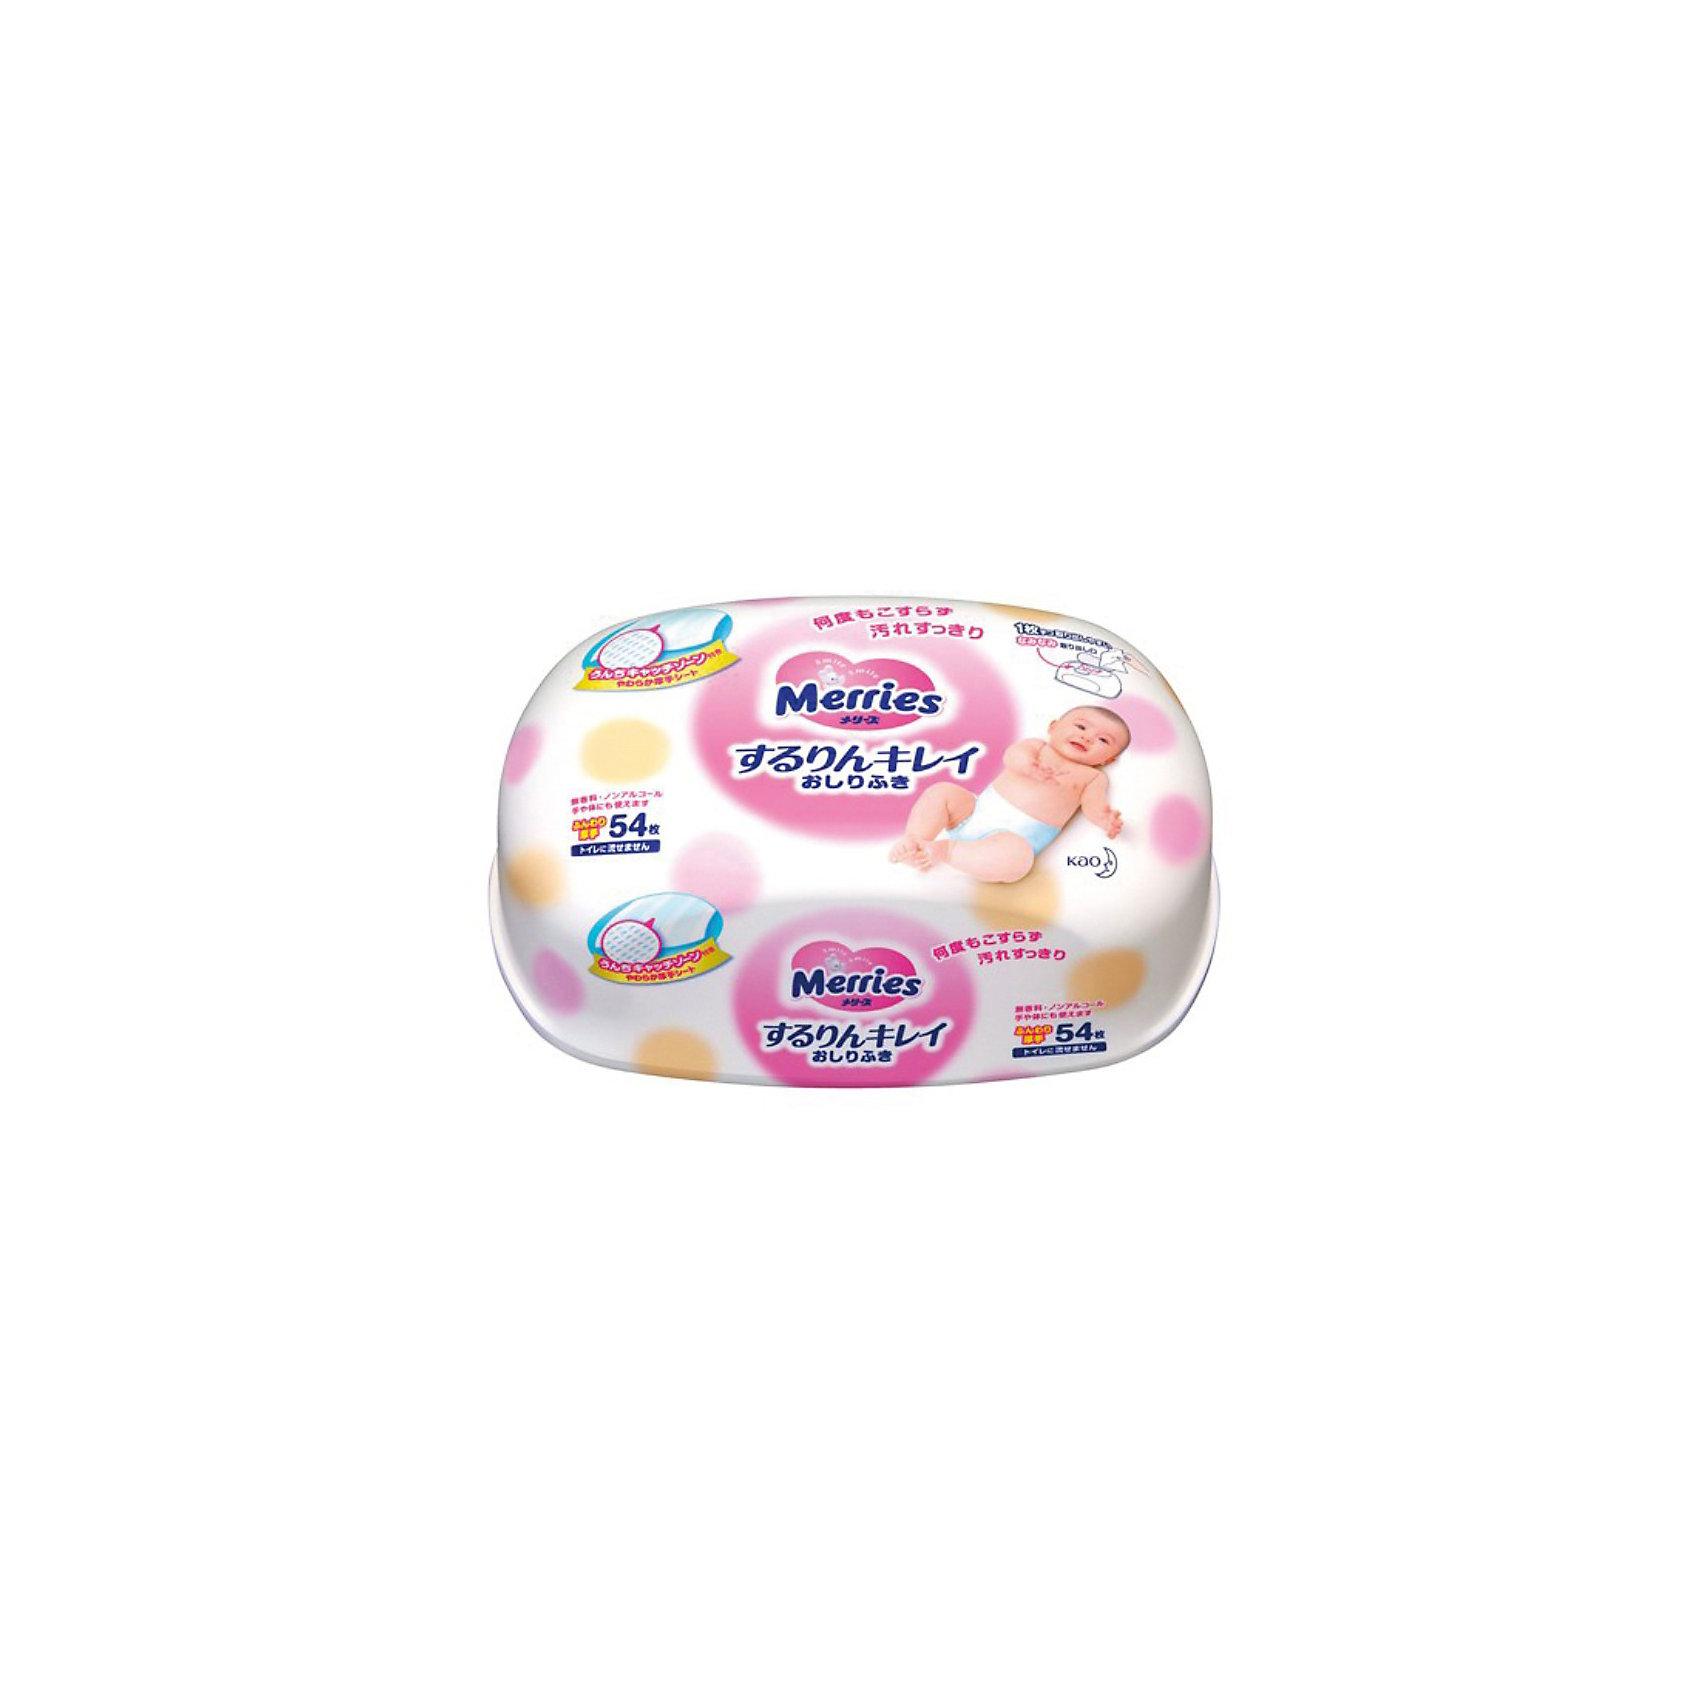 Merries Детские влажные салфетки Merries, 54 шт., пластиковый контейнер merries влажные салфетки для новорождённых 54 шт